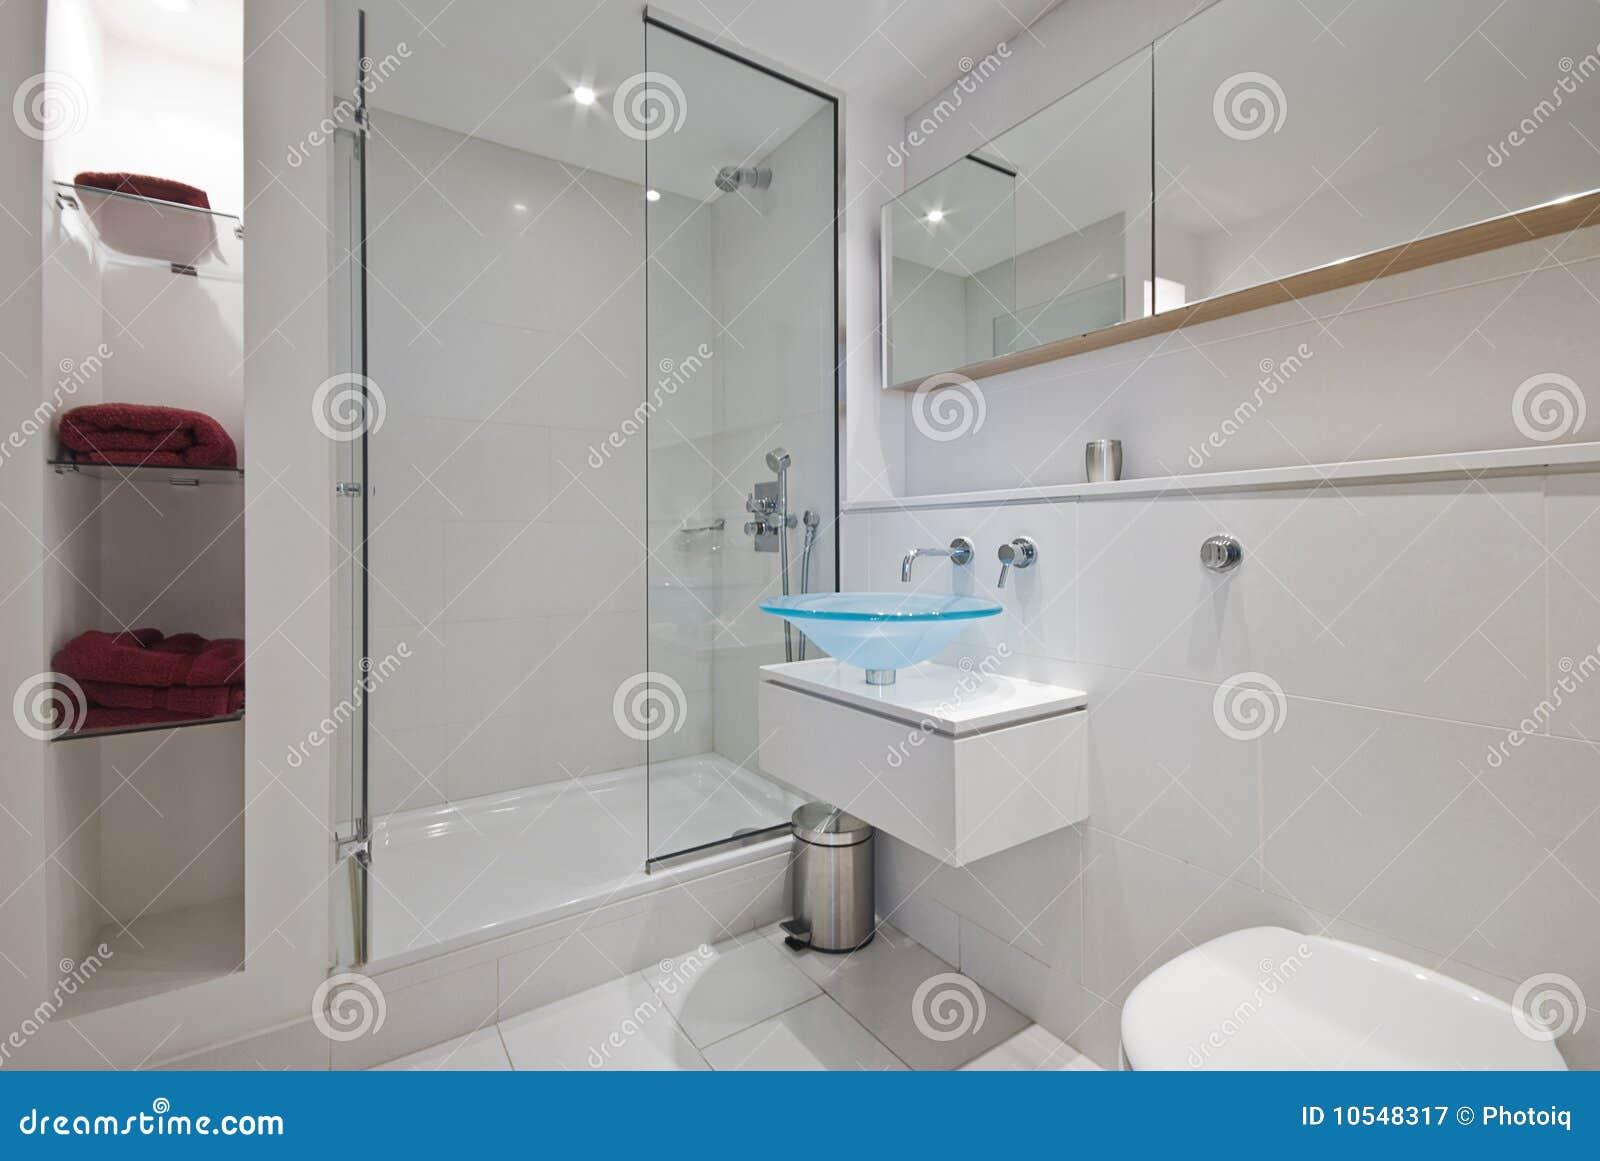 Stanza da bagno di lusso della serie fotografia stock for Suite bagno di lusso